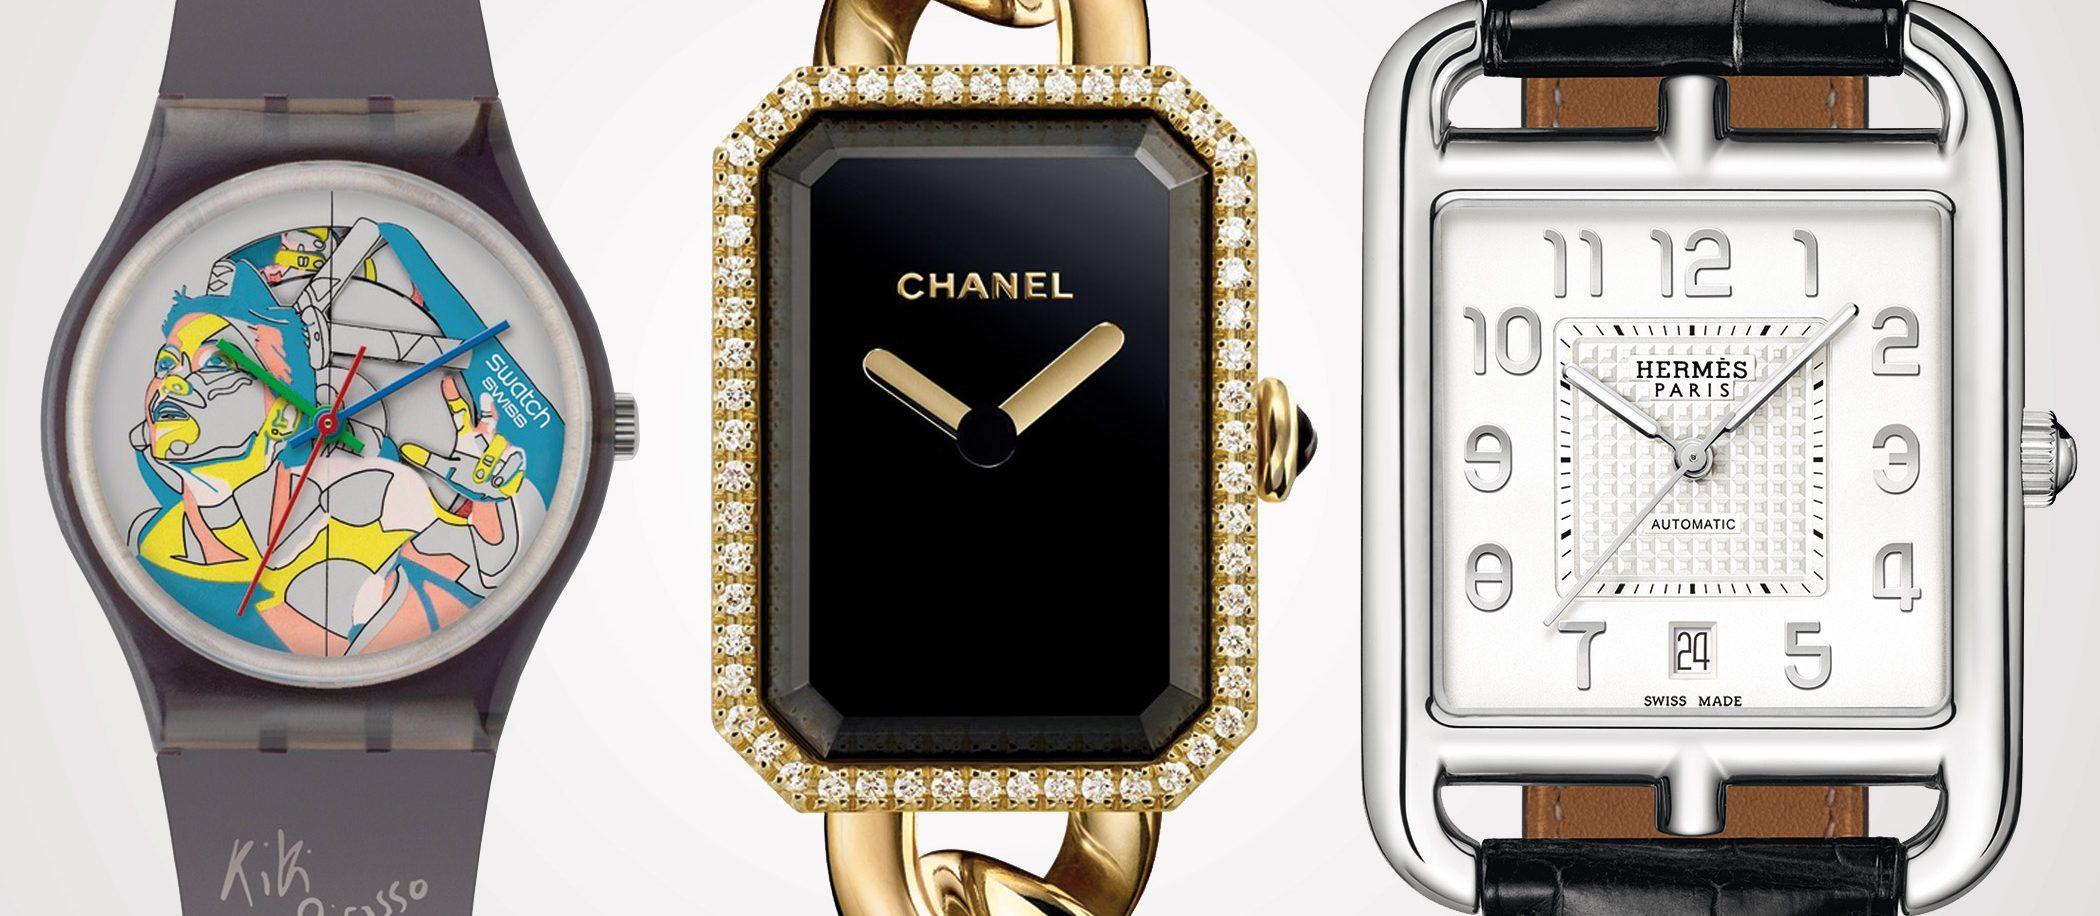 1e969610ea9ba0 Dzieje zegarmistrzostwa Czas w stylu fashion, czyli jak i dlaczego pojawiły  się zegarki fashion (część 1)